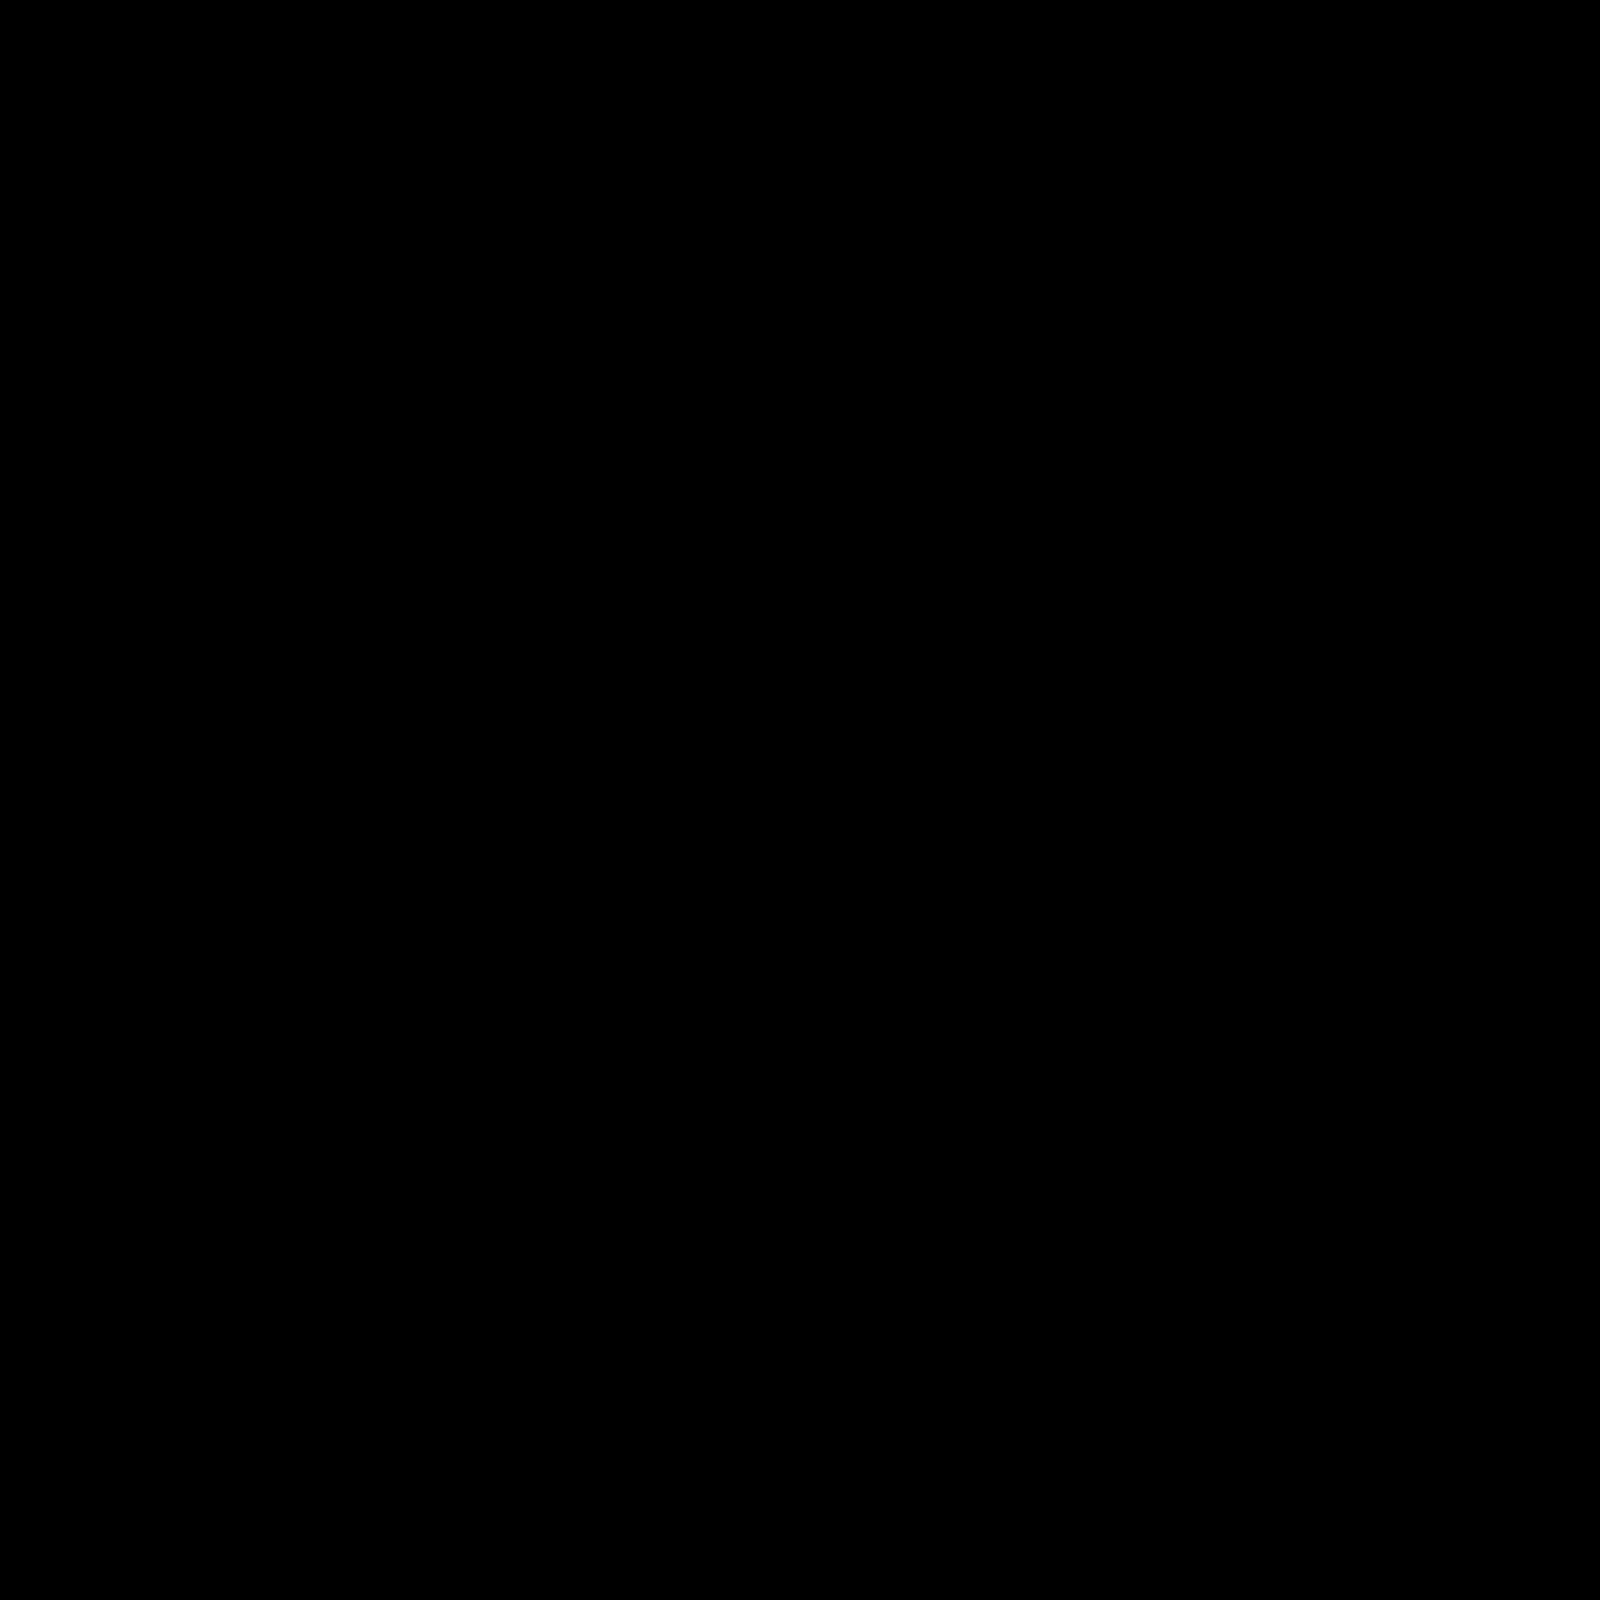 1600x1600 File Delete Icon